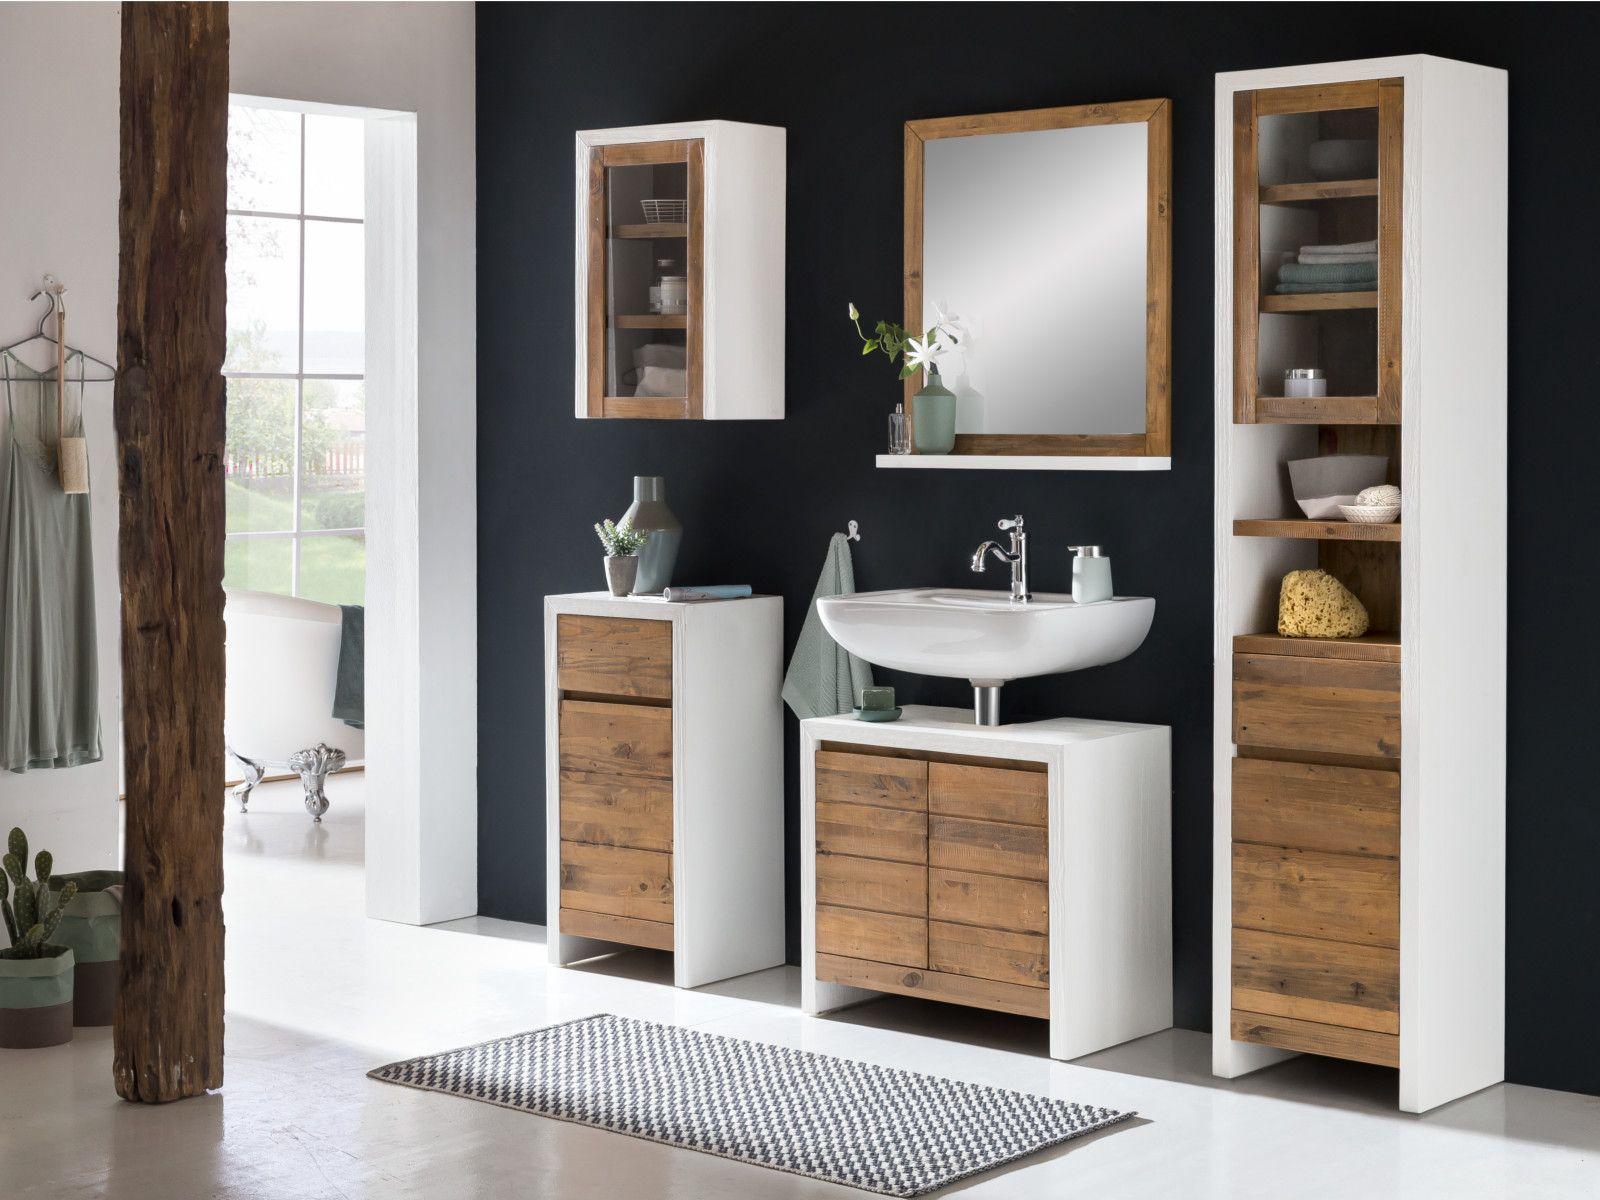 Badmöbel Set Burnham weiß Door handle design, Vanity